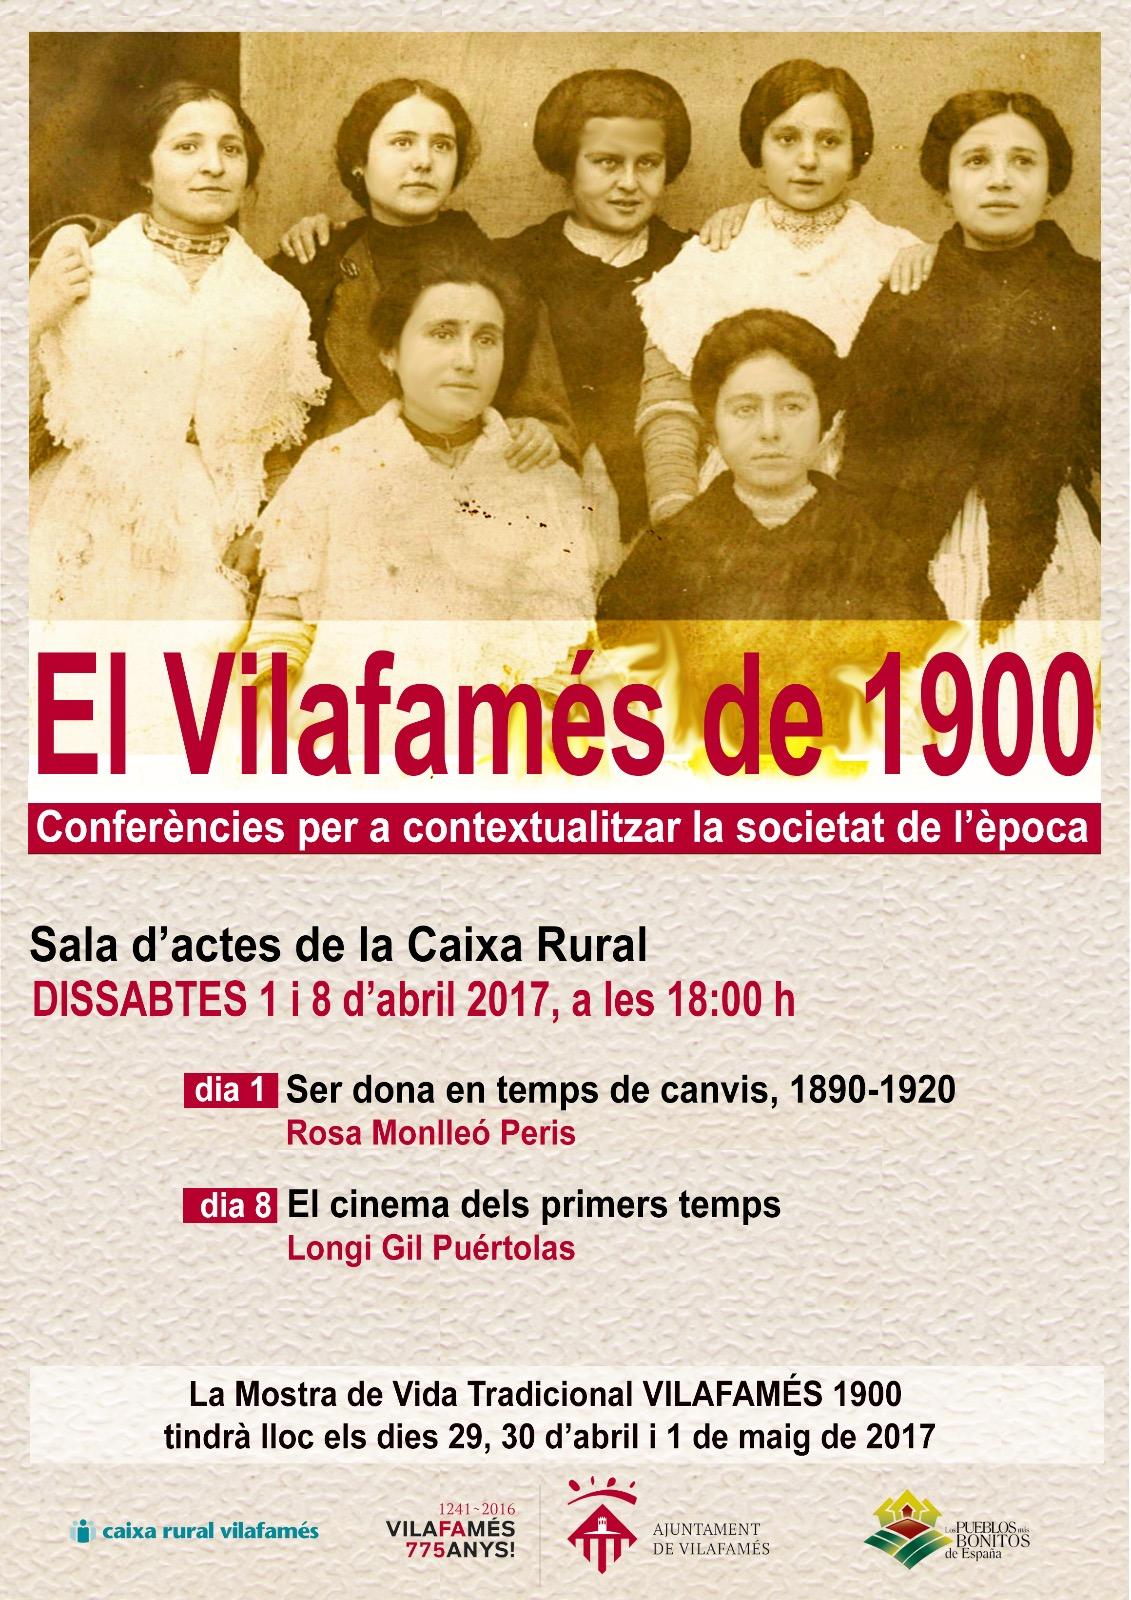 Vilafames de 1900